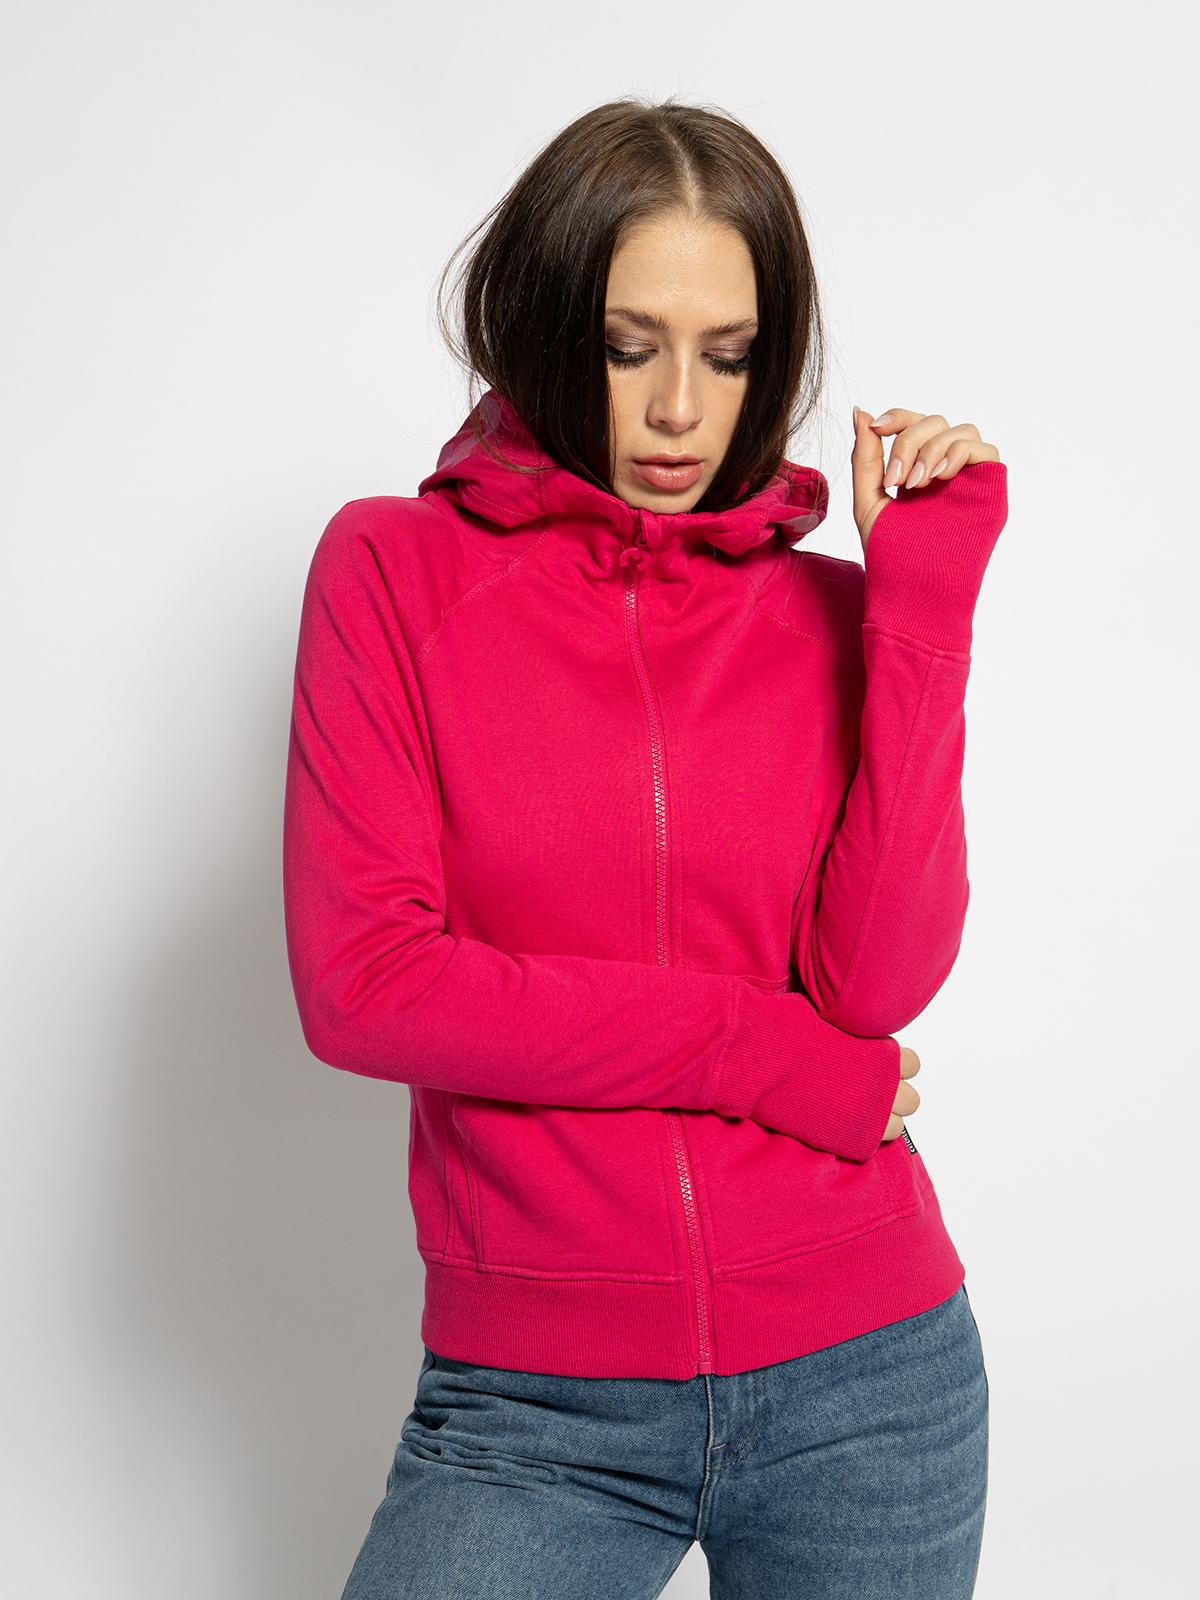 Chiemsee Sweatvest in pink voor Dames